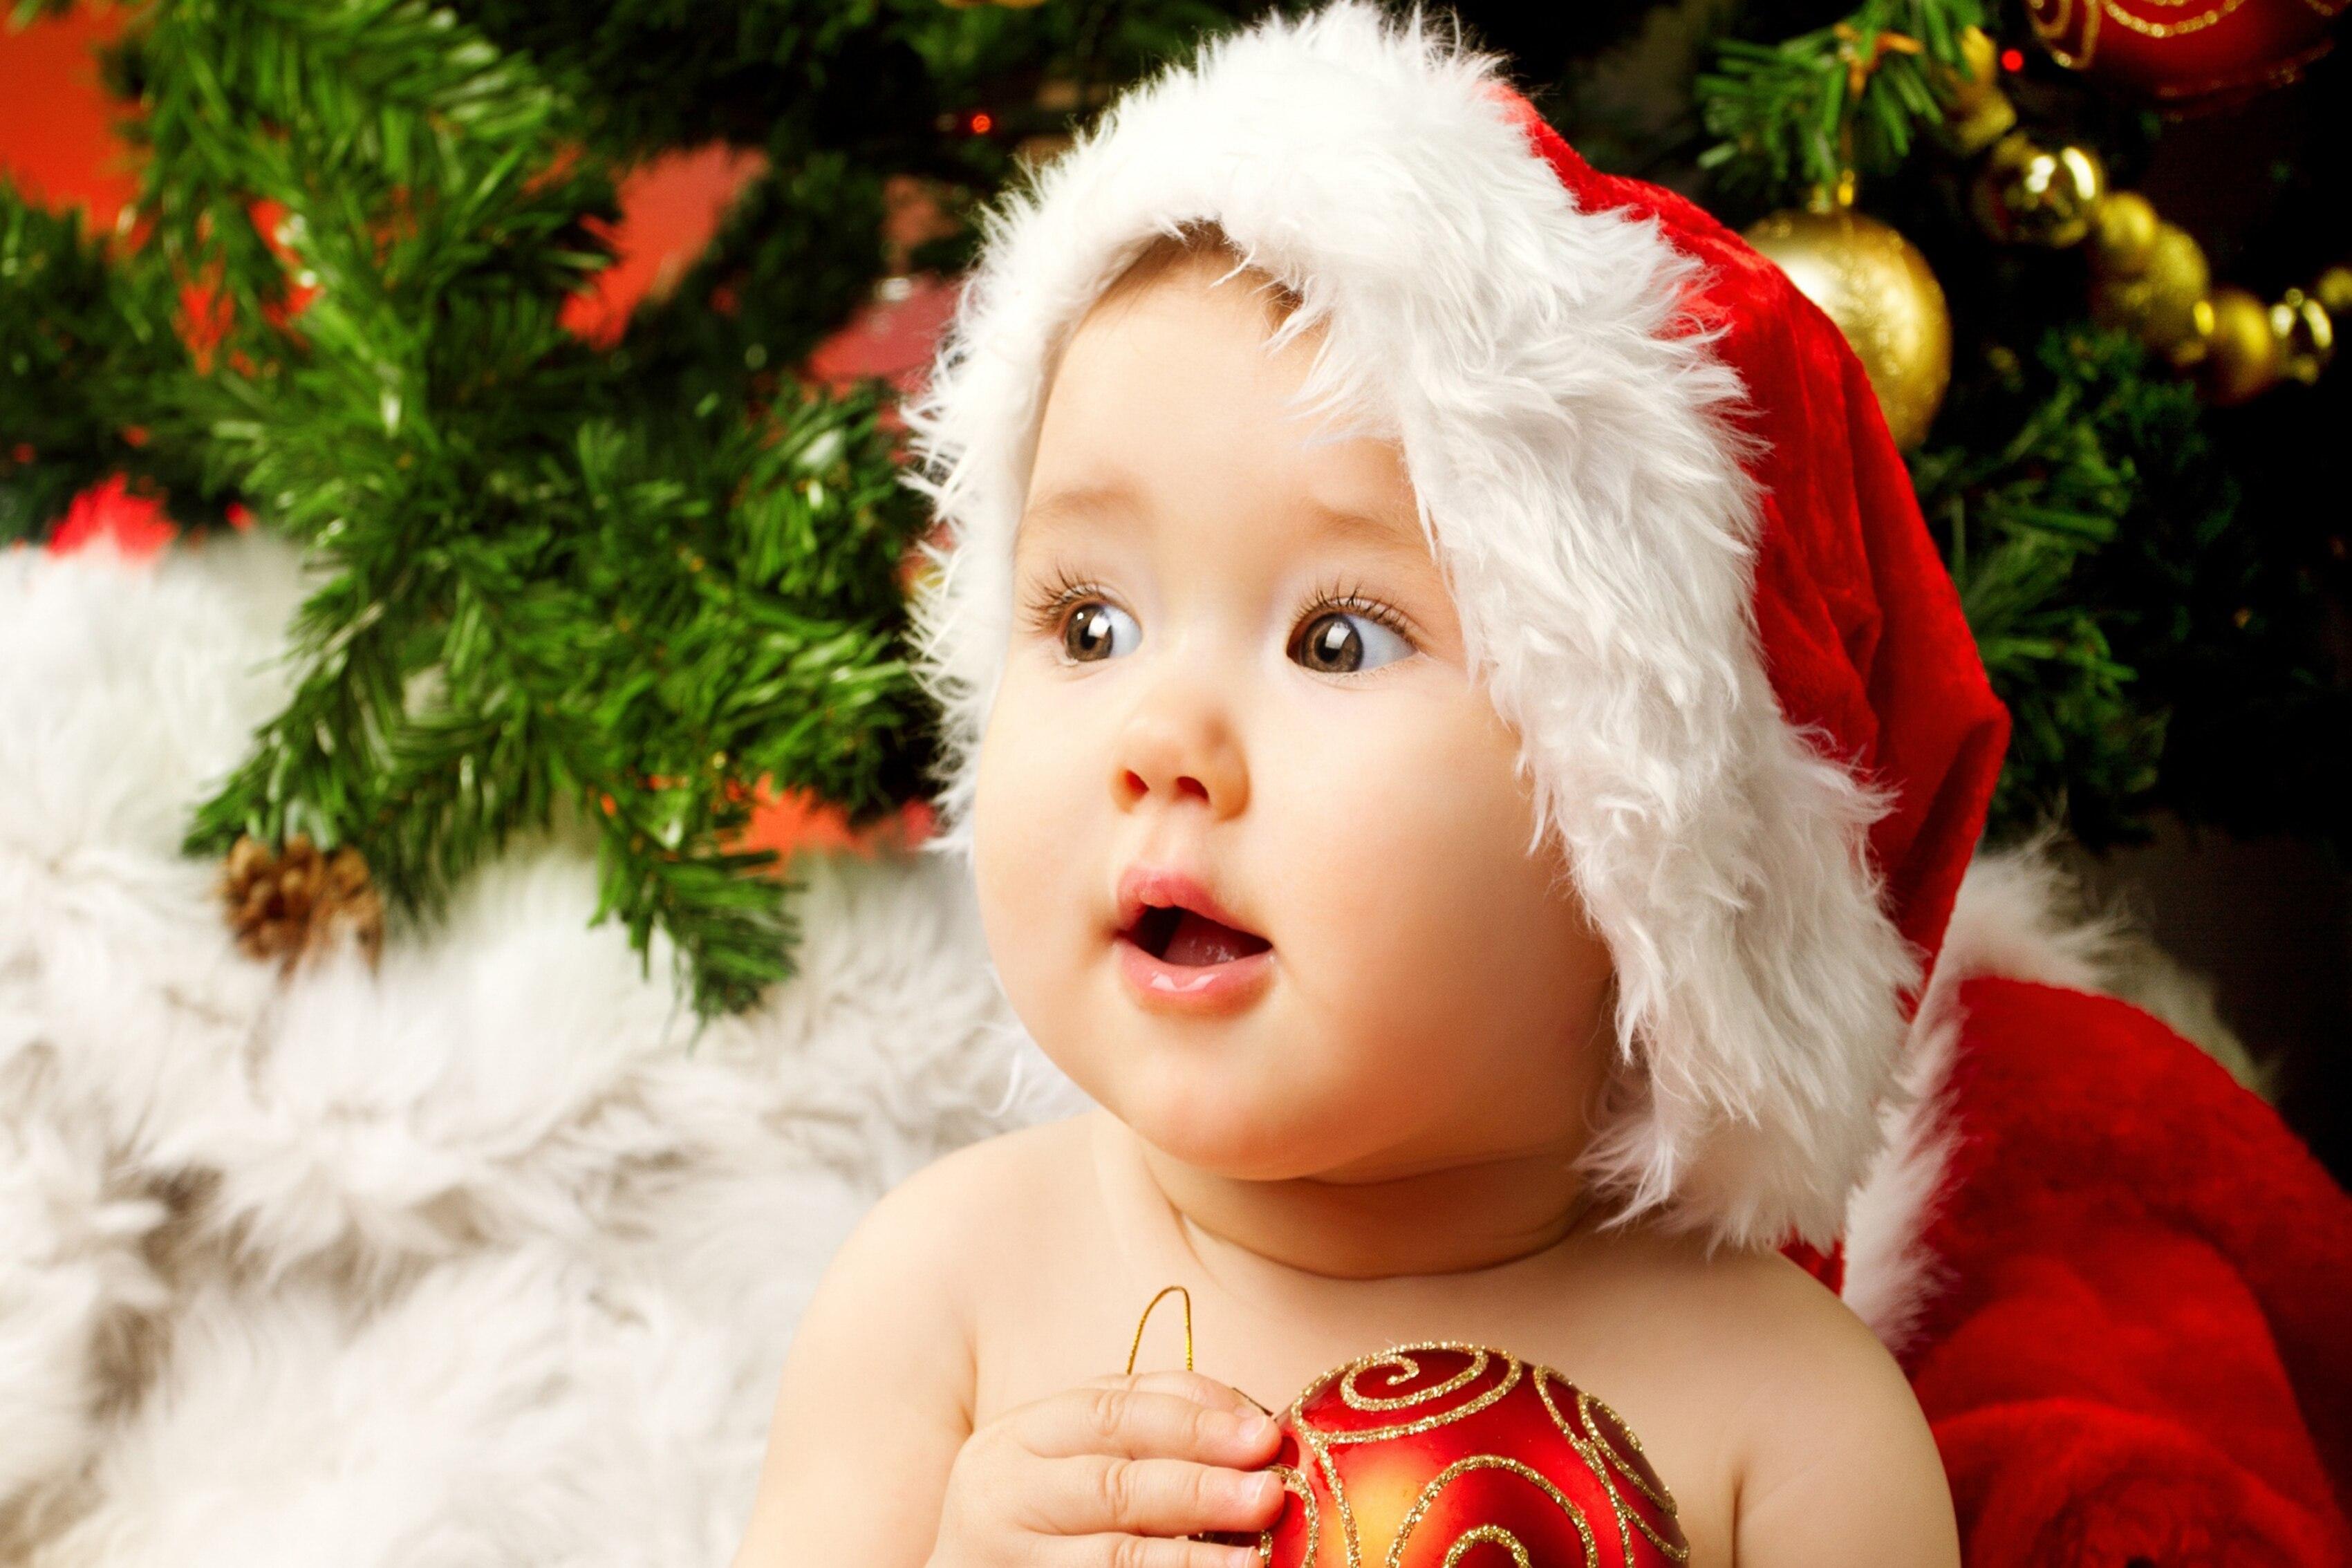 ᓂДомашнее украшение хорошенький очаровательны <b>baby</b> ᗐ ...